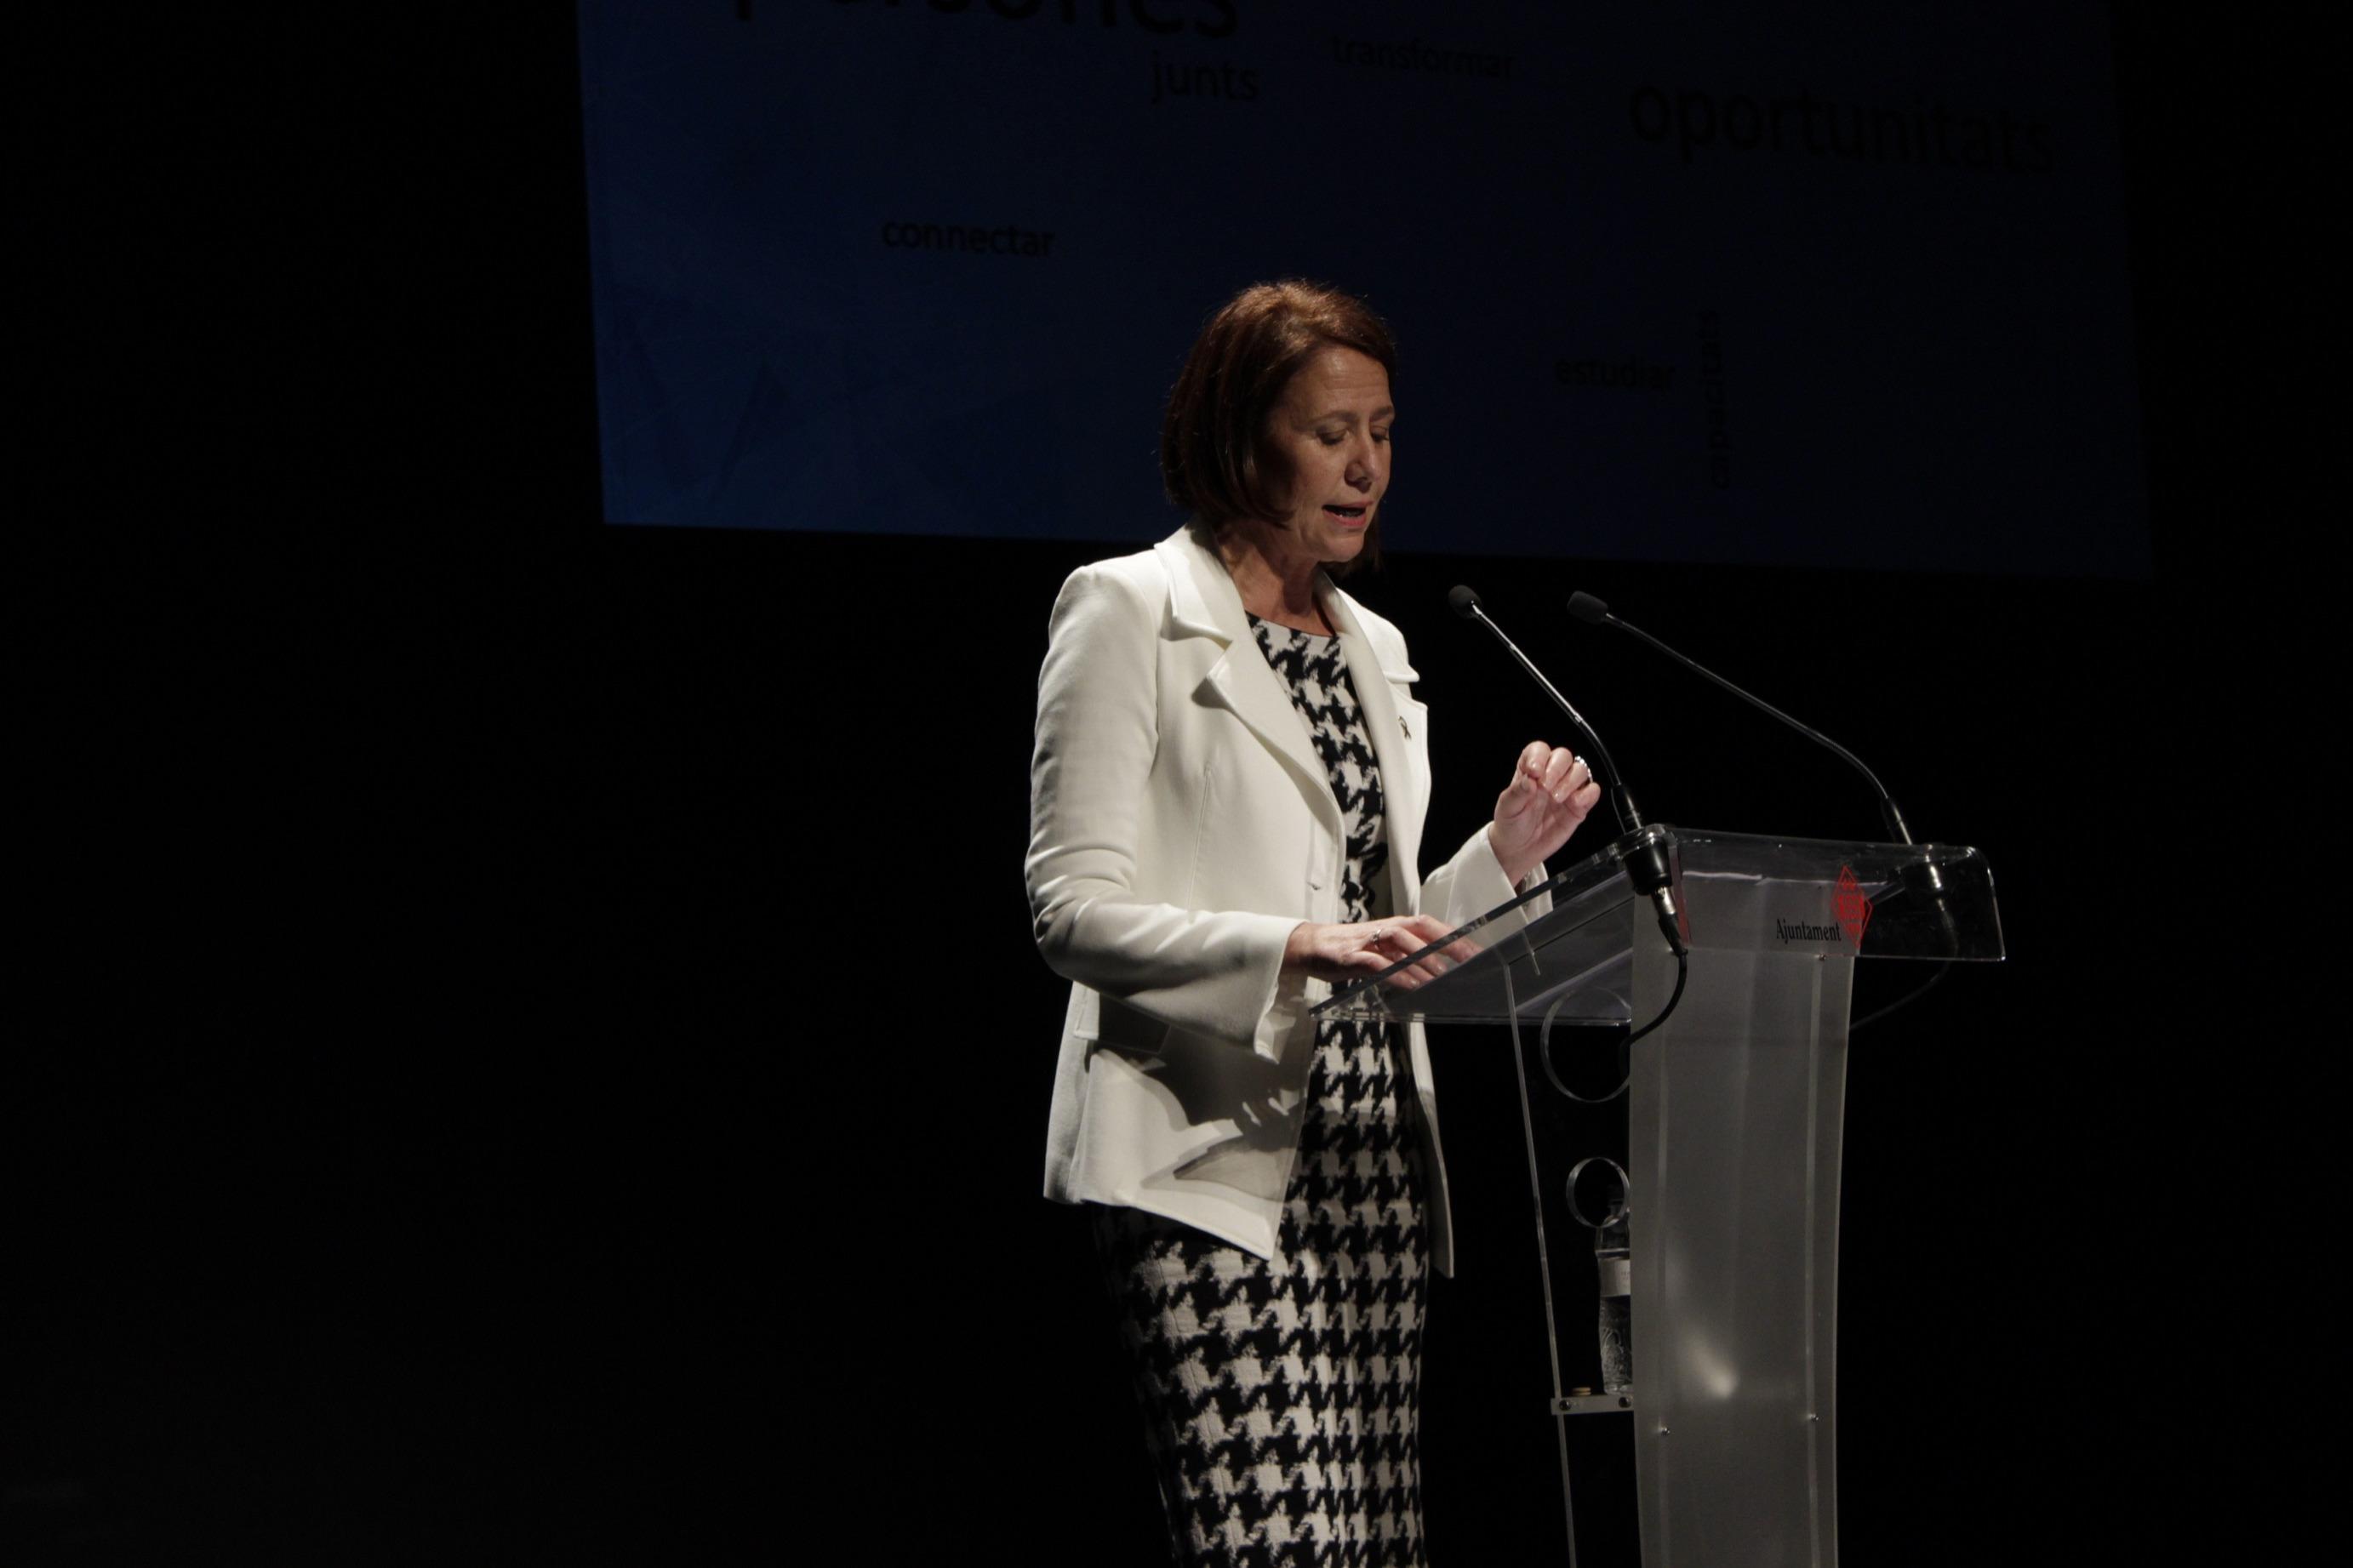 Imatge 1 de la conferència